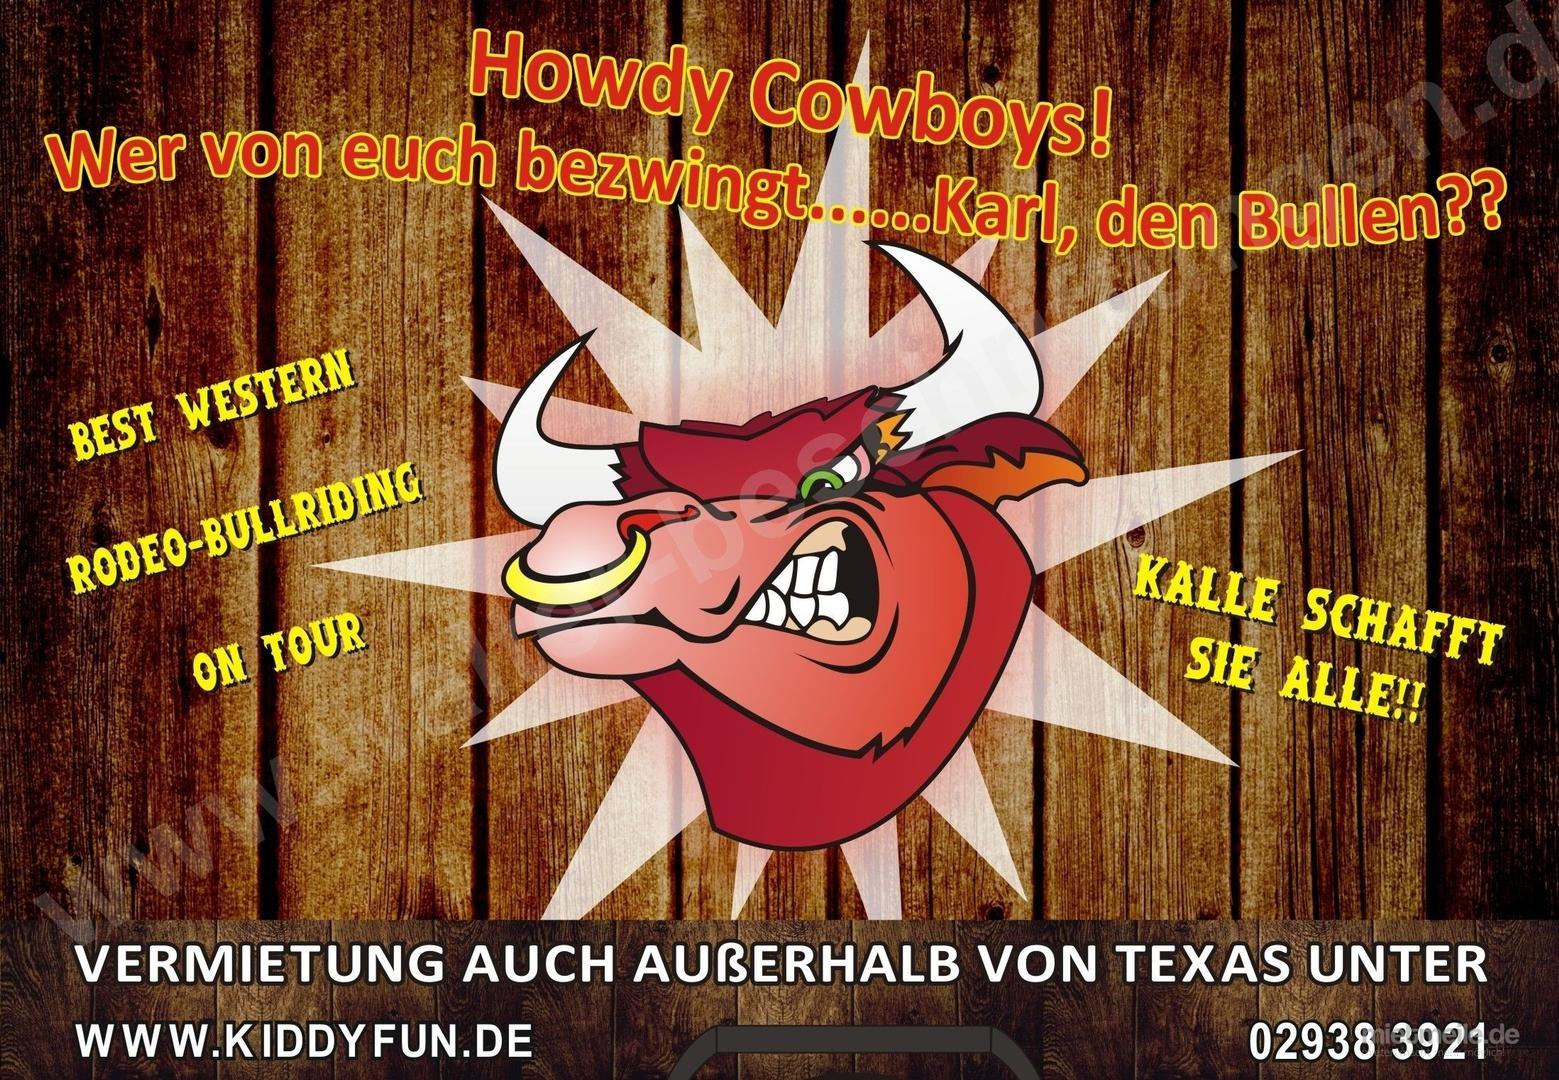 Großspielgeräte mieten & vermieten - Bullriding - Bullenreiten mieten arnsberg, soest, hamm, in Ense